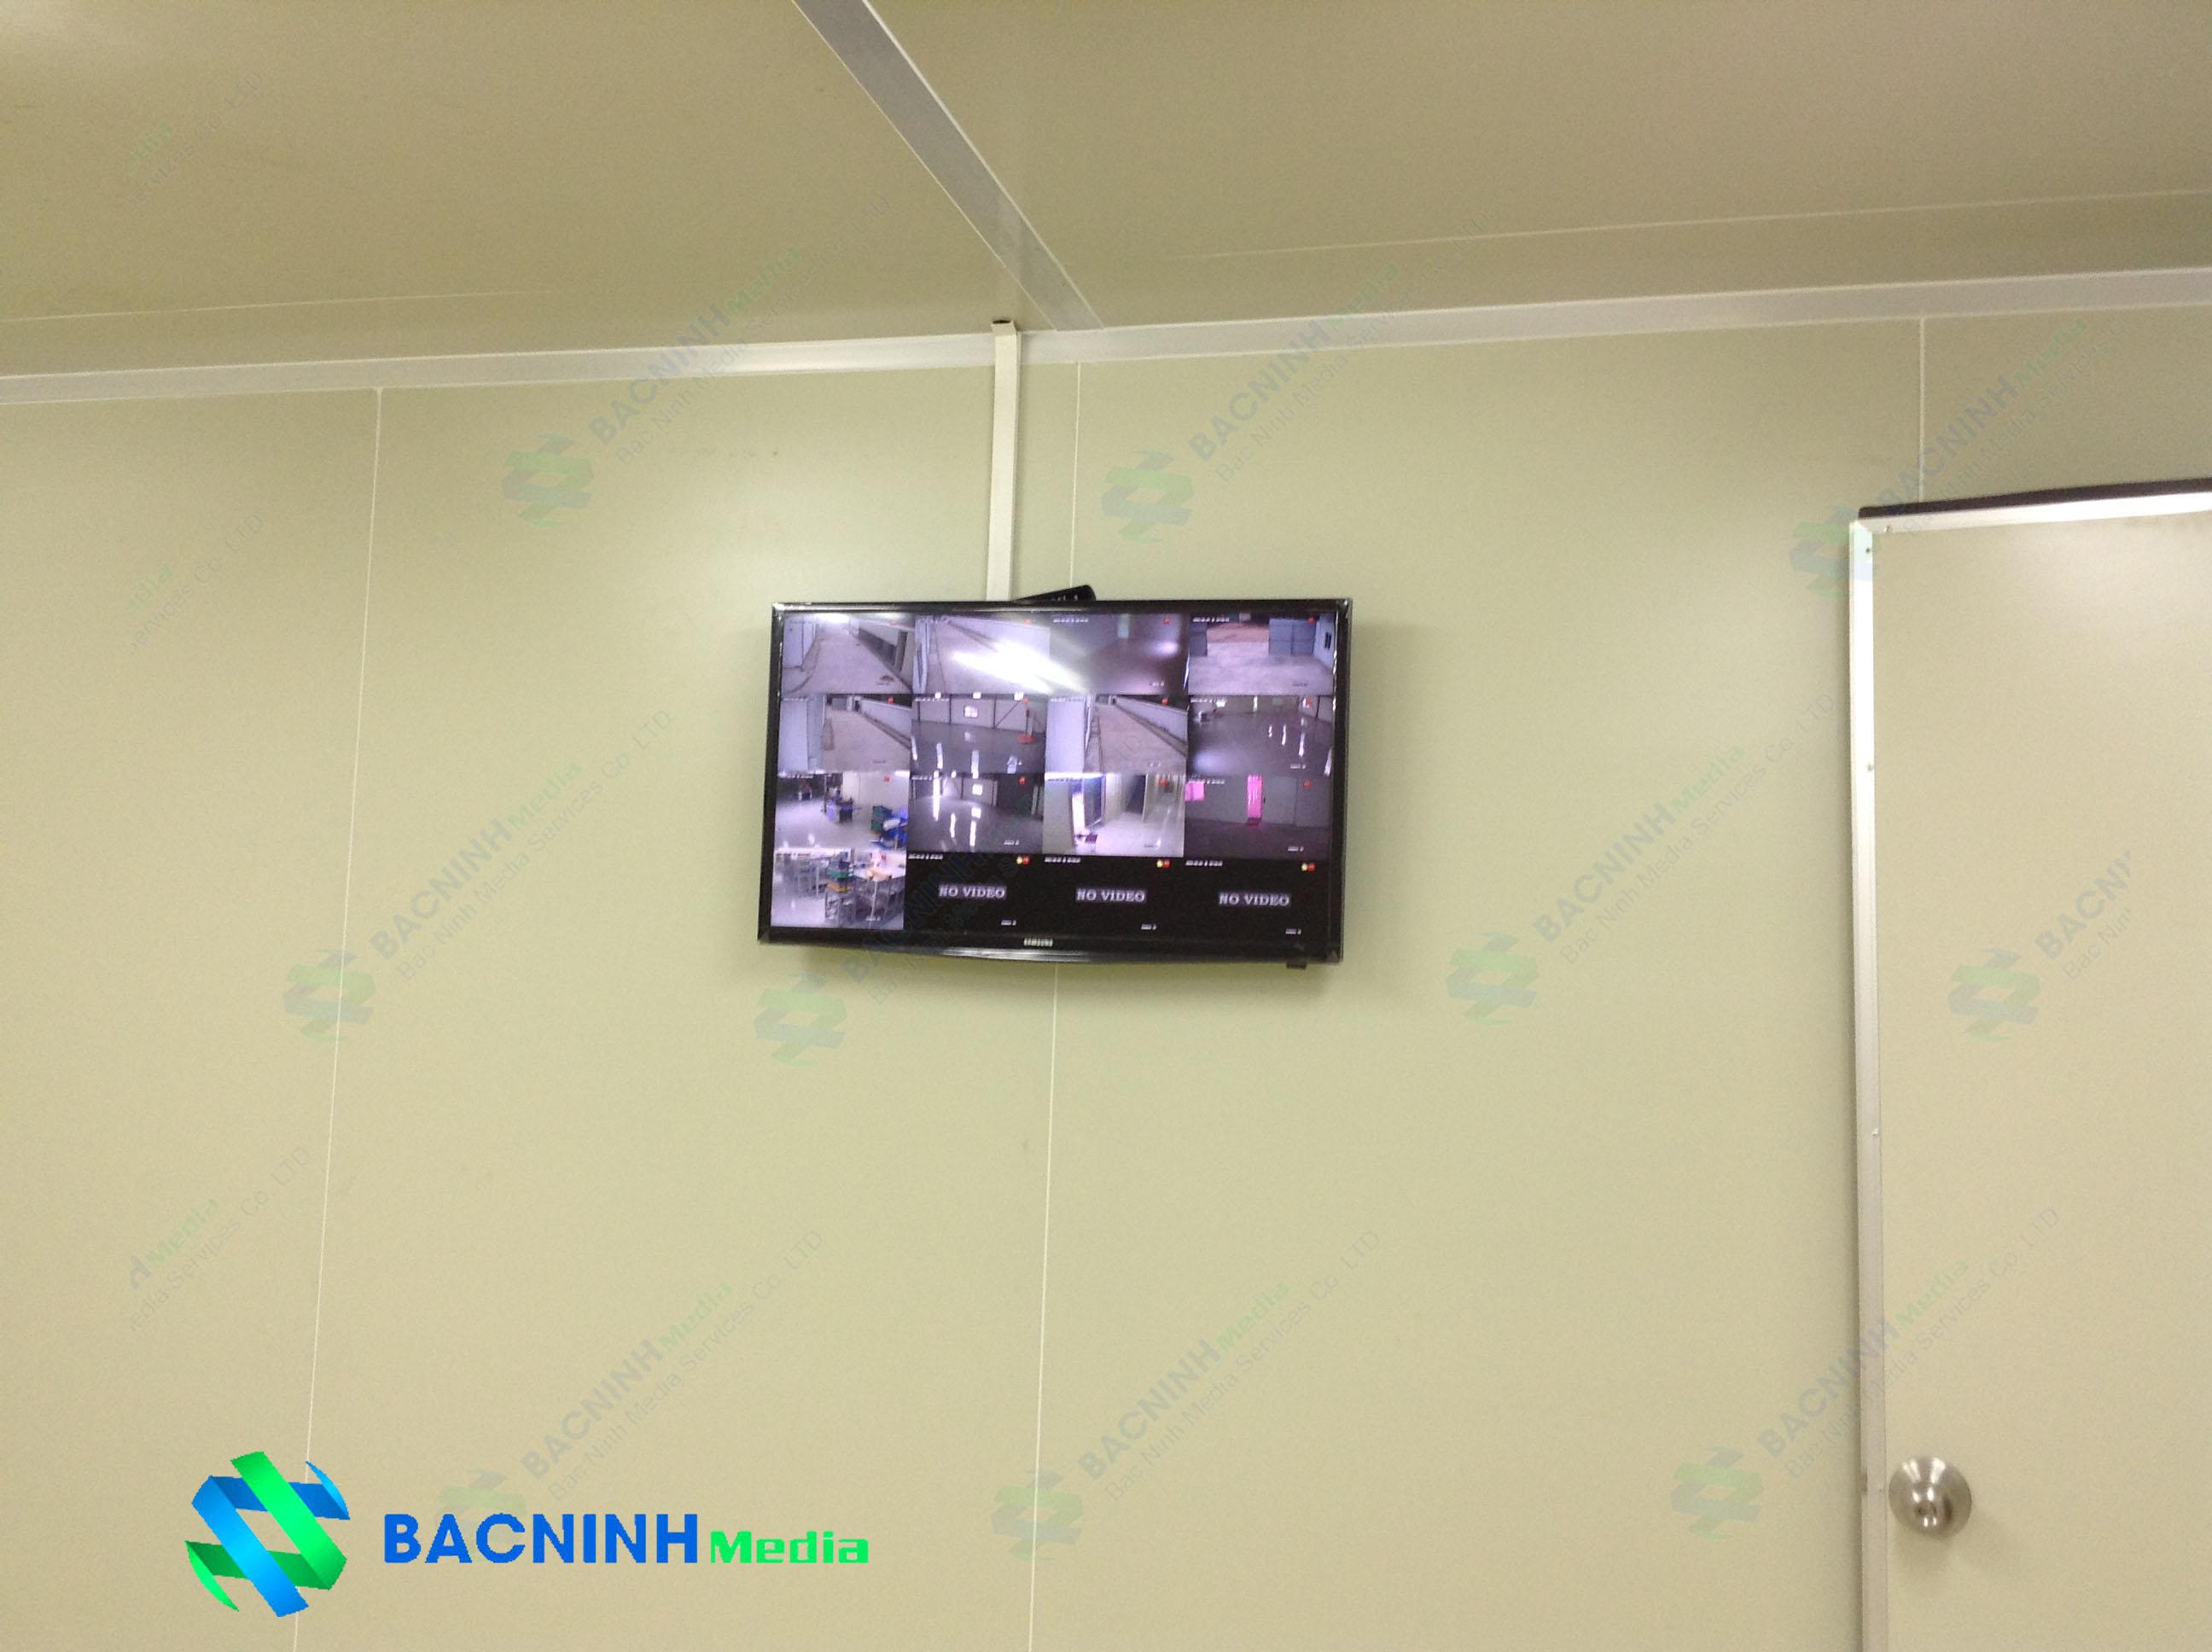 Hệ thống camera quan sát với màn hình theo dõi nhiều camera cùng lúc